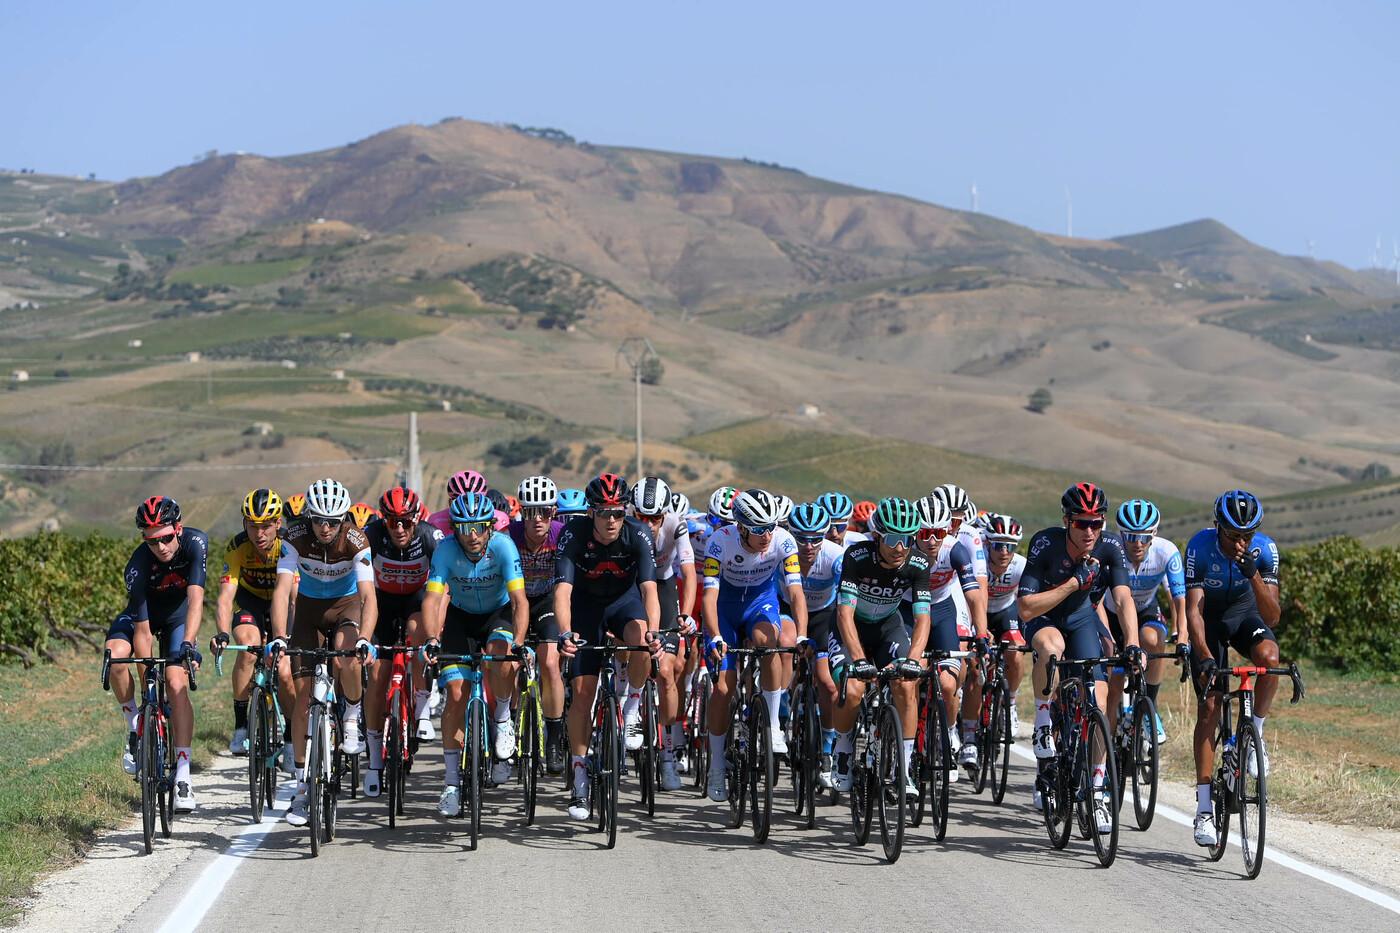 Ciclismo, Vuelta a Murcia rinviata a maggio. Niente gara il 12 13 febbraio, avvio di stagione complicato